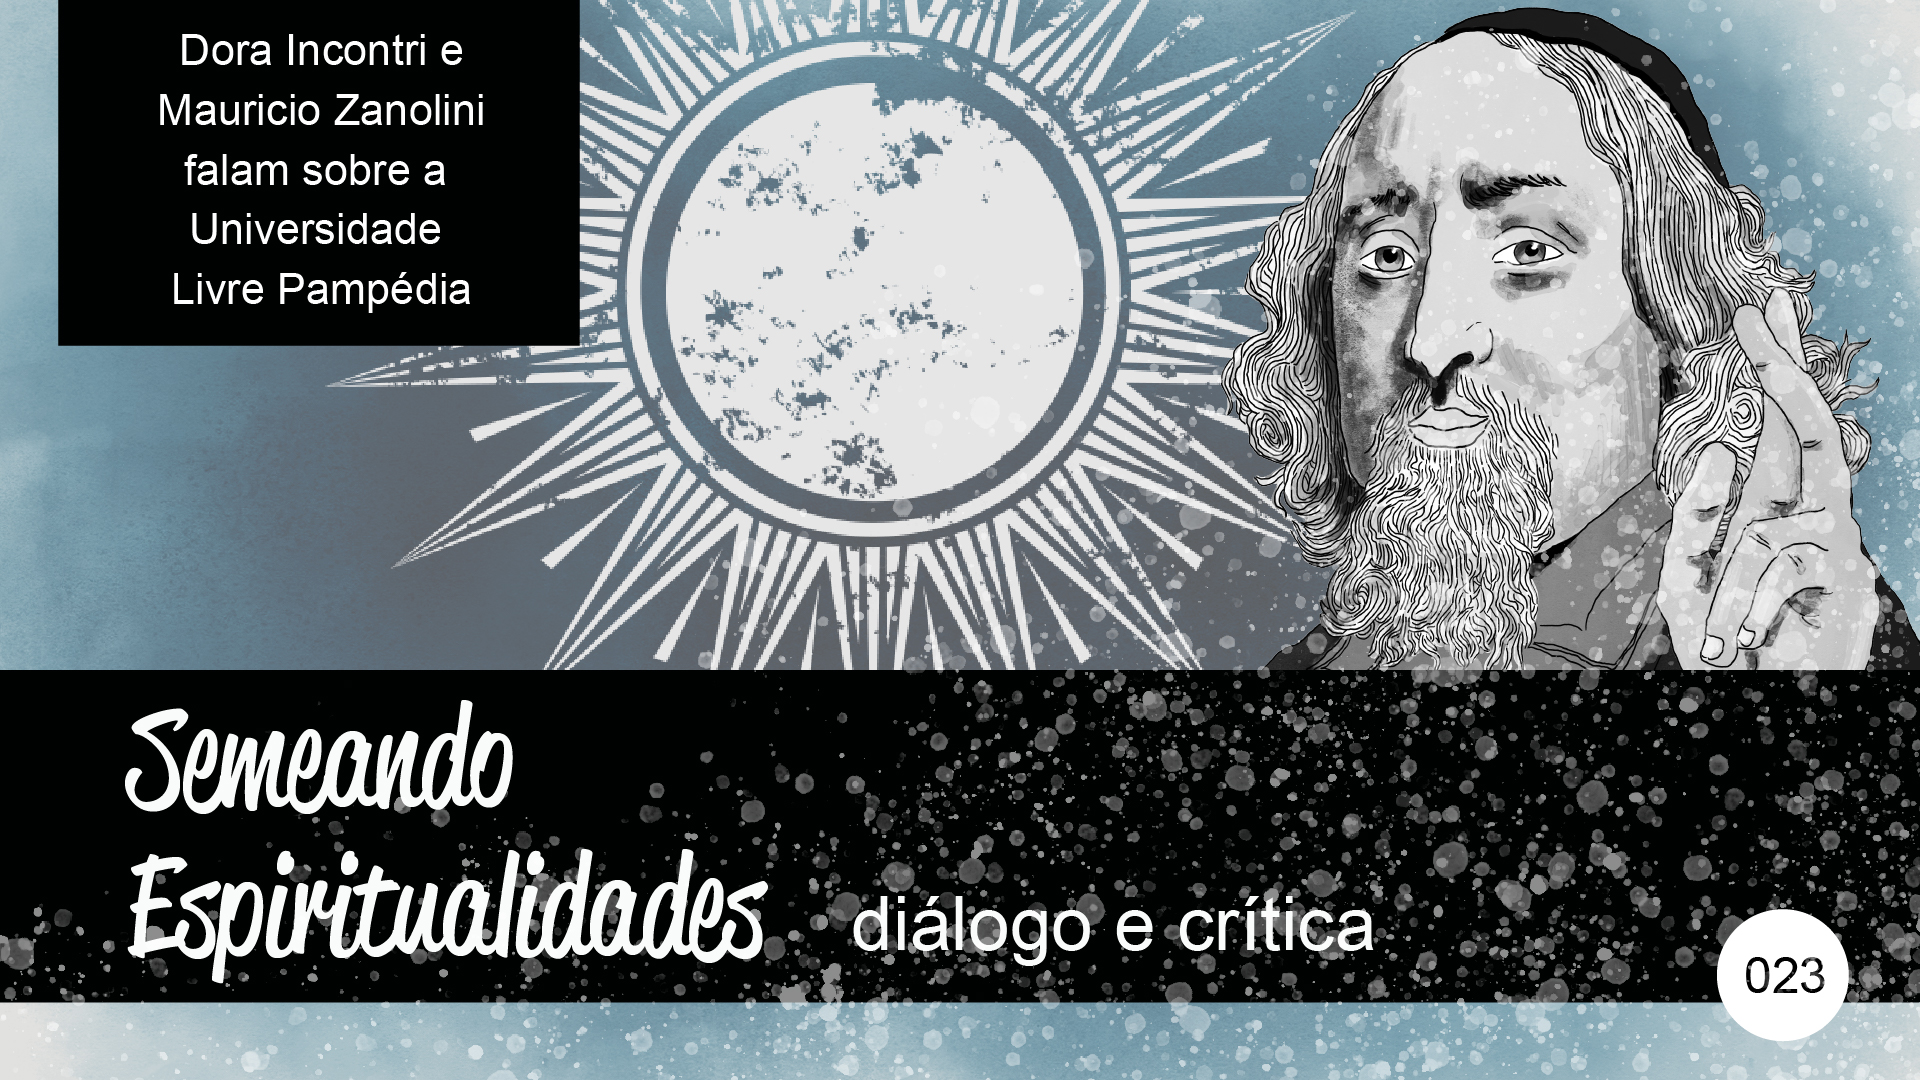 Semeando Espiritualidades – diálogo e crítica (023) – Universidade Livre Pampédia